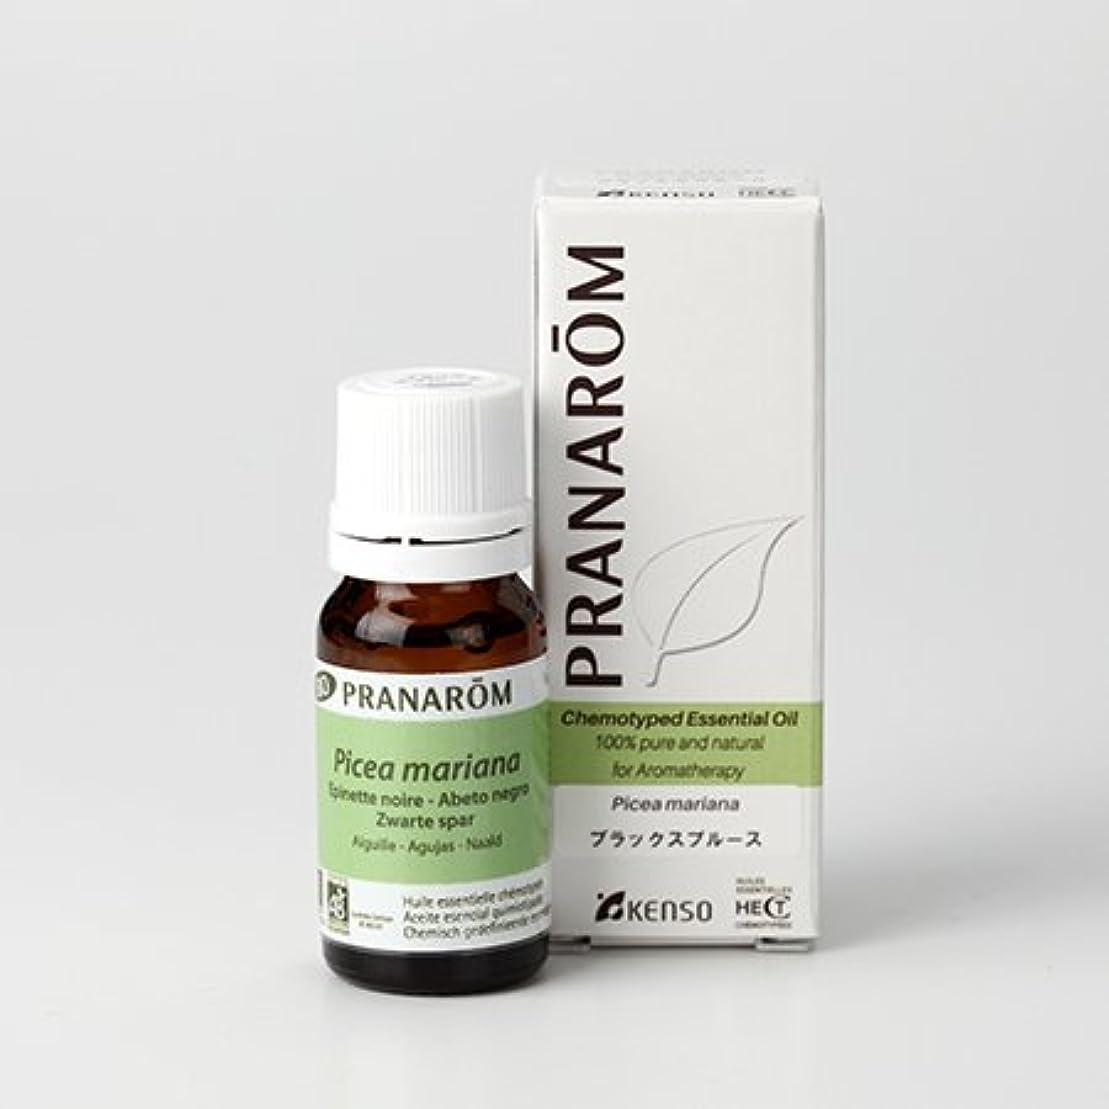 スクレーパージャグリング近々プラナロム ( PRANAROM ) 精油 ブラックスプルース 10ml p-146